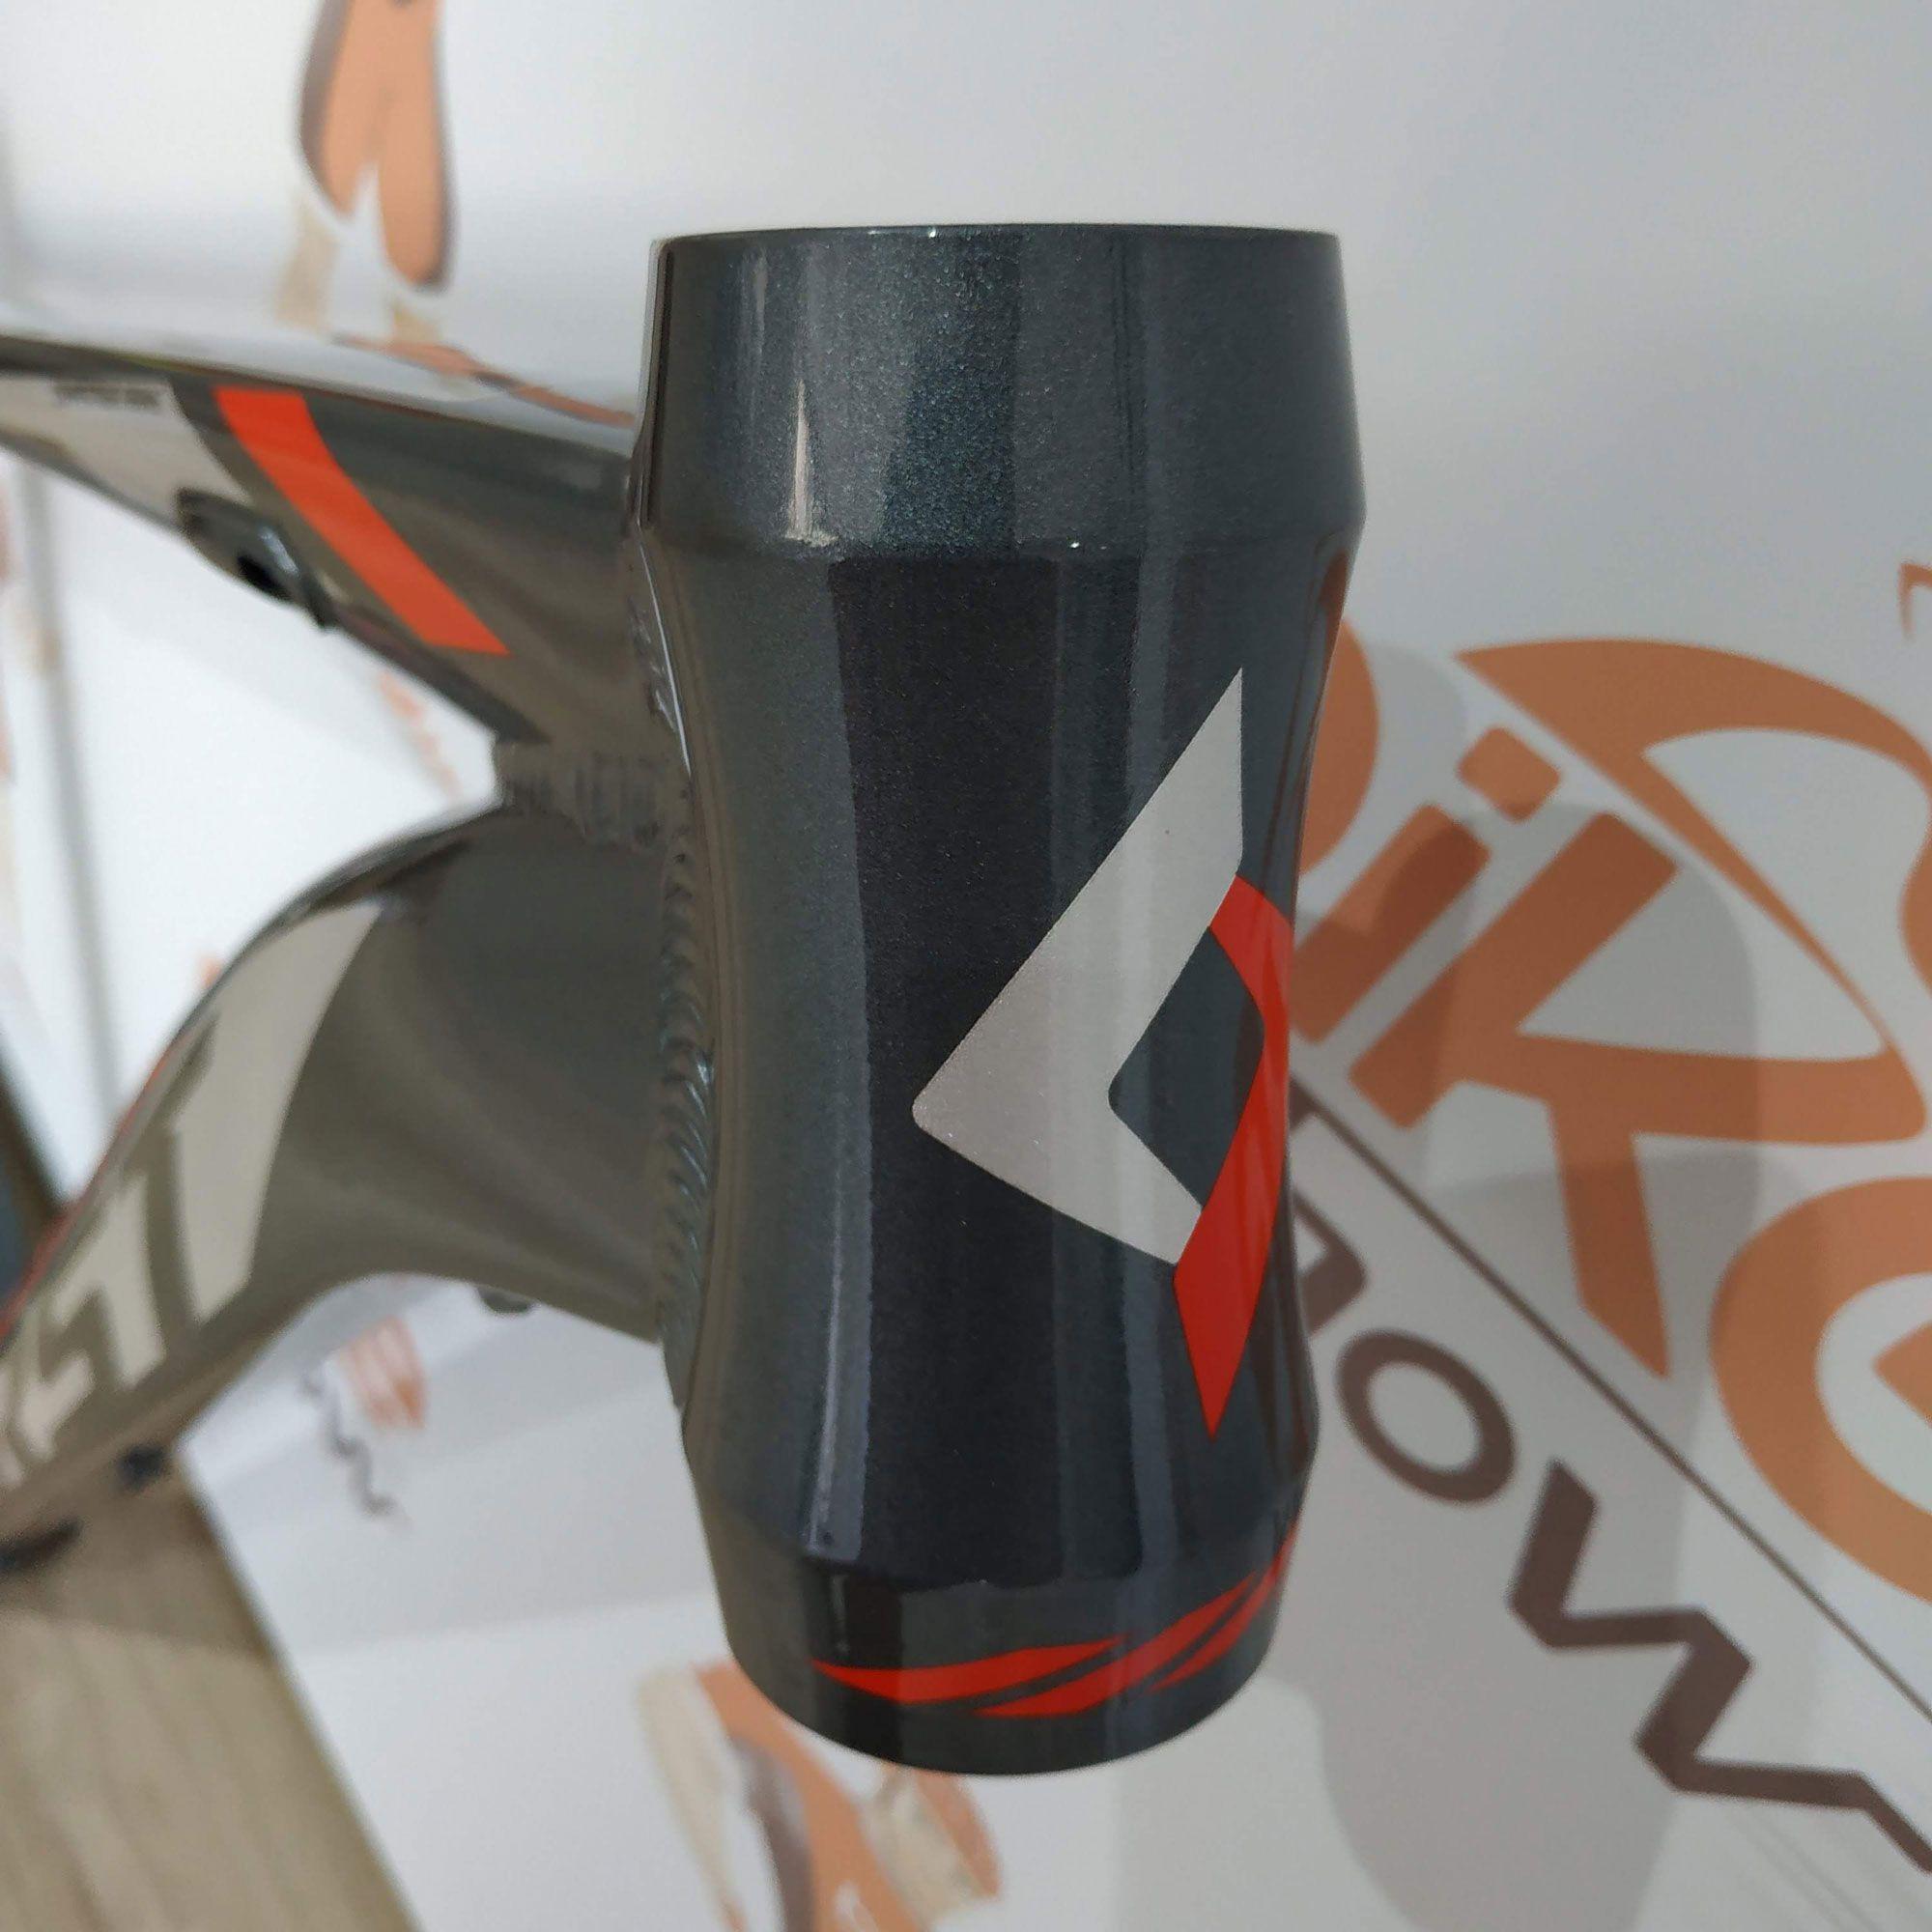 Quadro MTB FIRST Axiss aro 29 Alumínio - Brilho